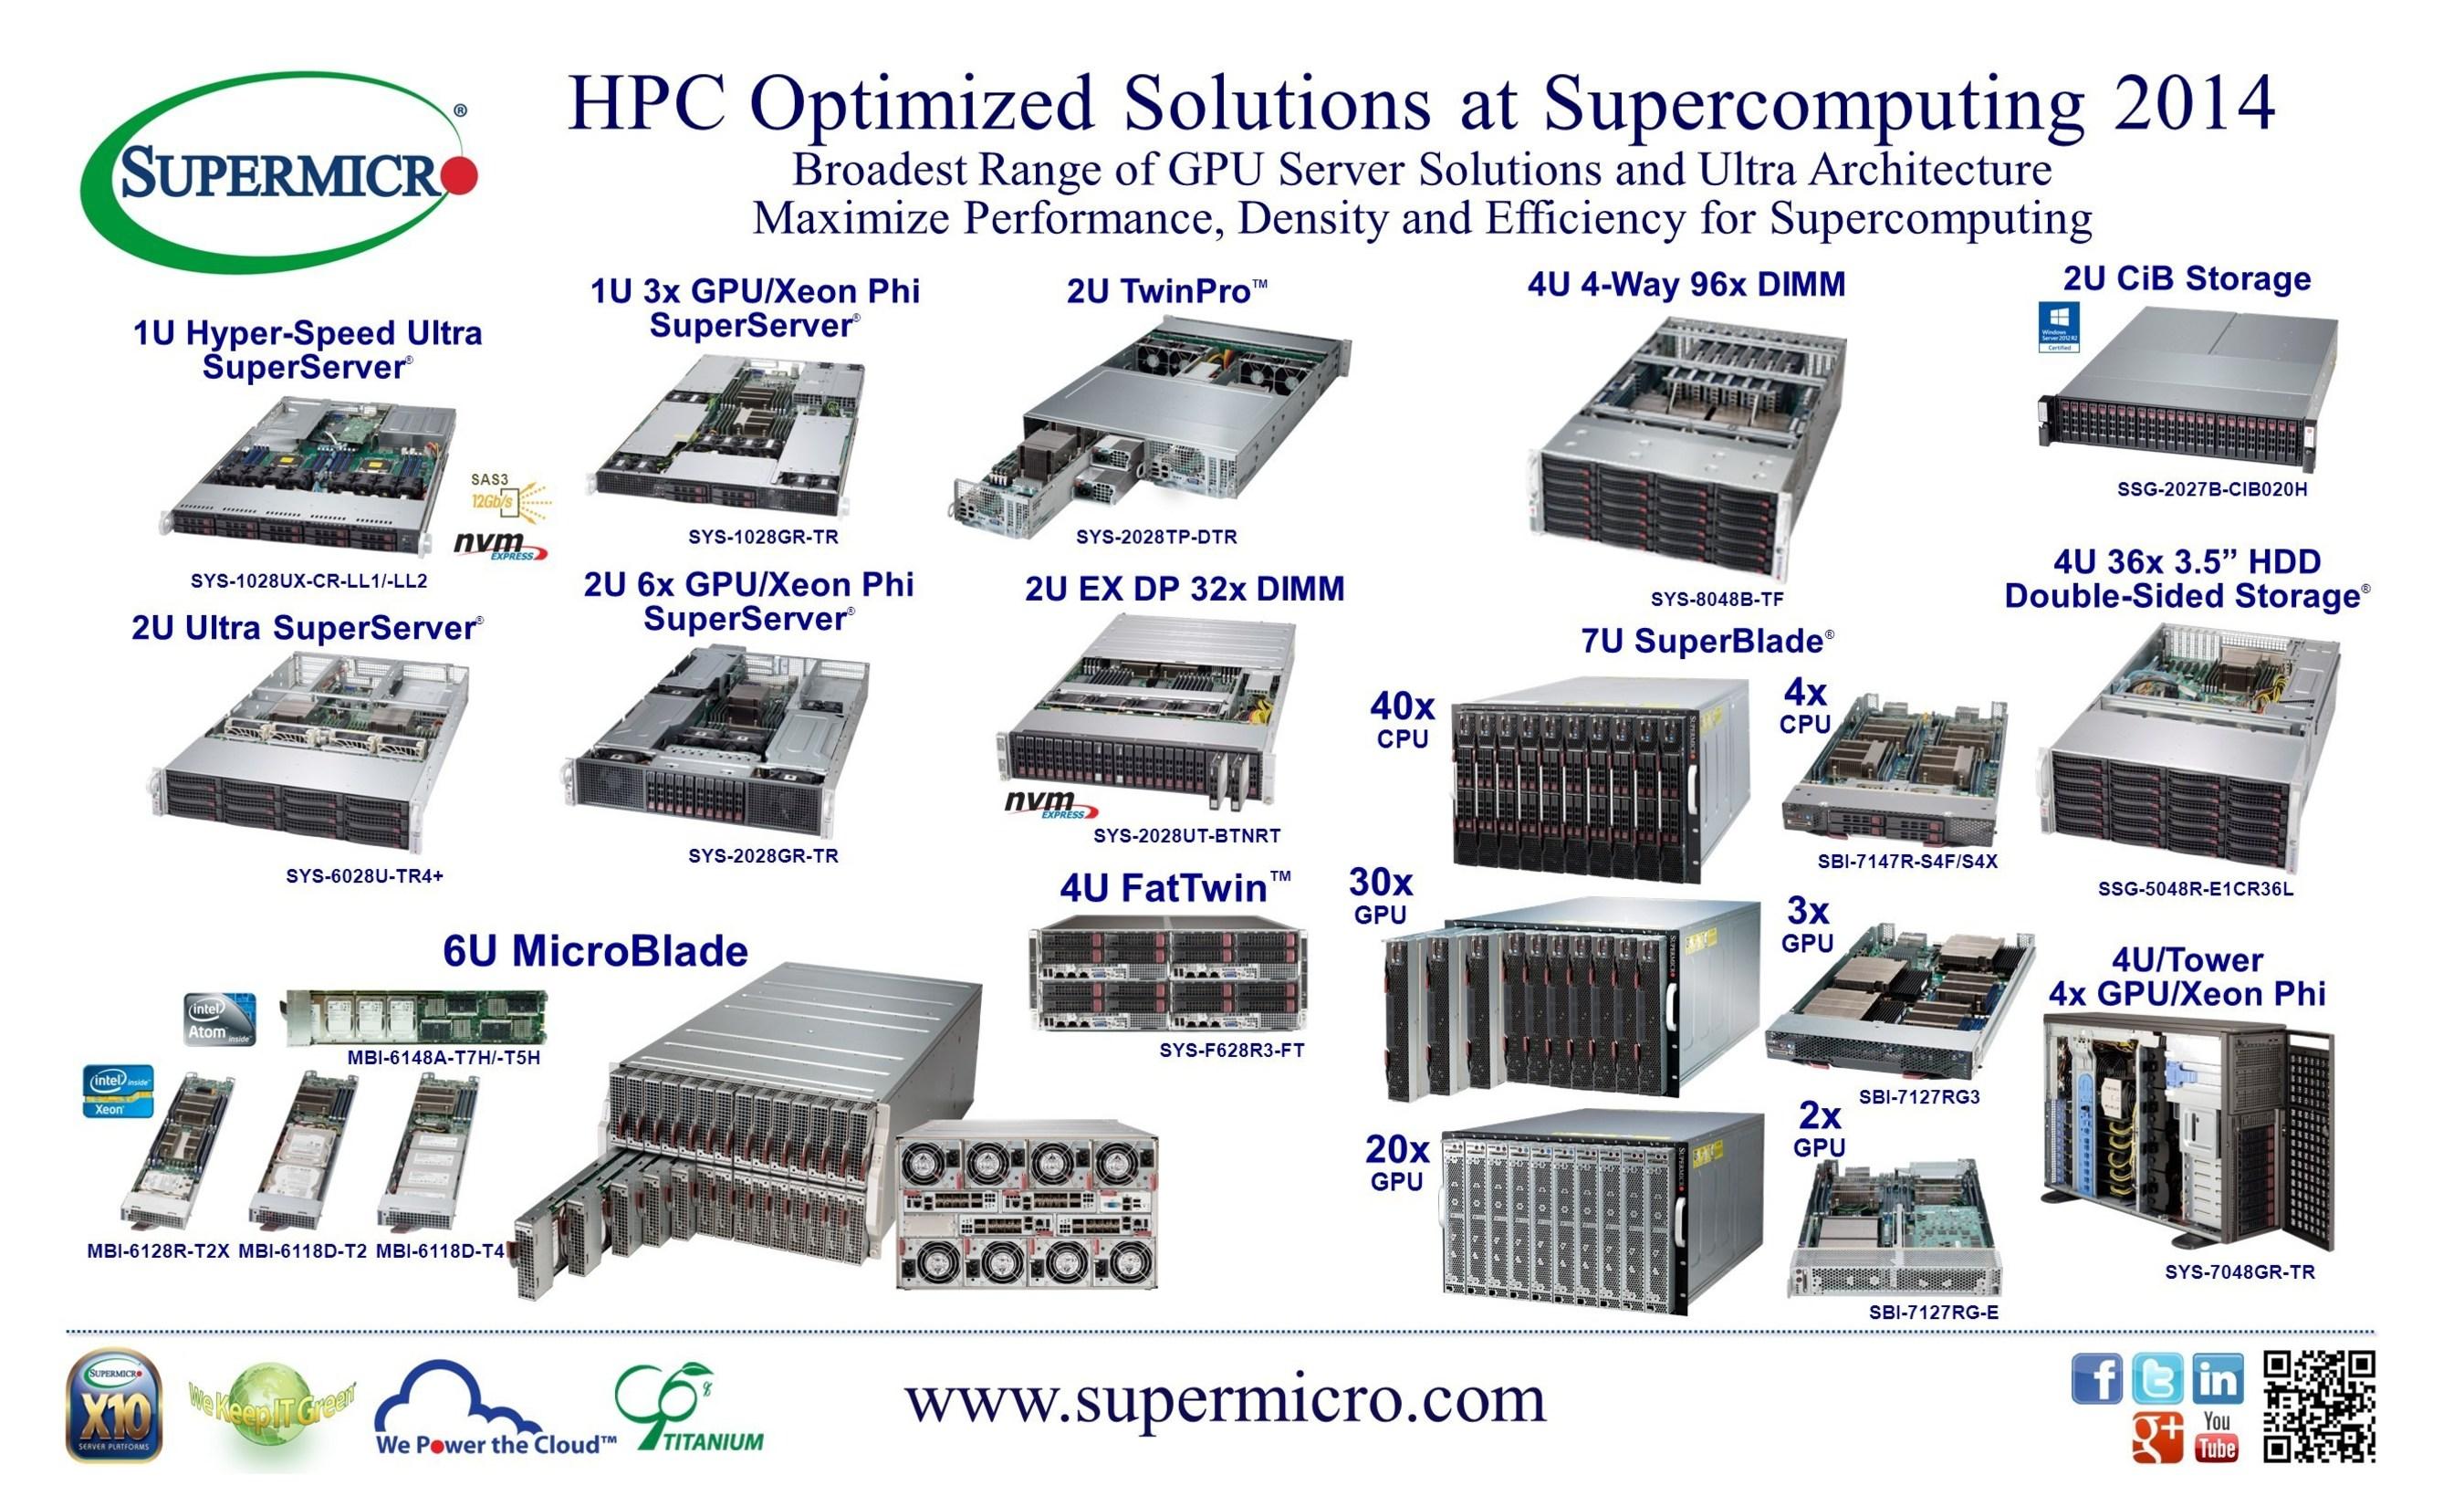 Supermicro® демонстрирует широчайший в отрасли ассортимент НРС-оптимизированных платформ и новых